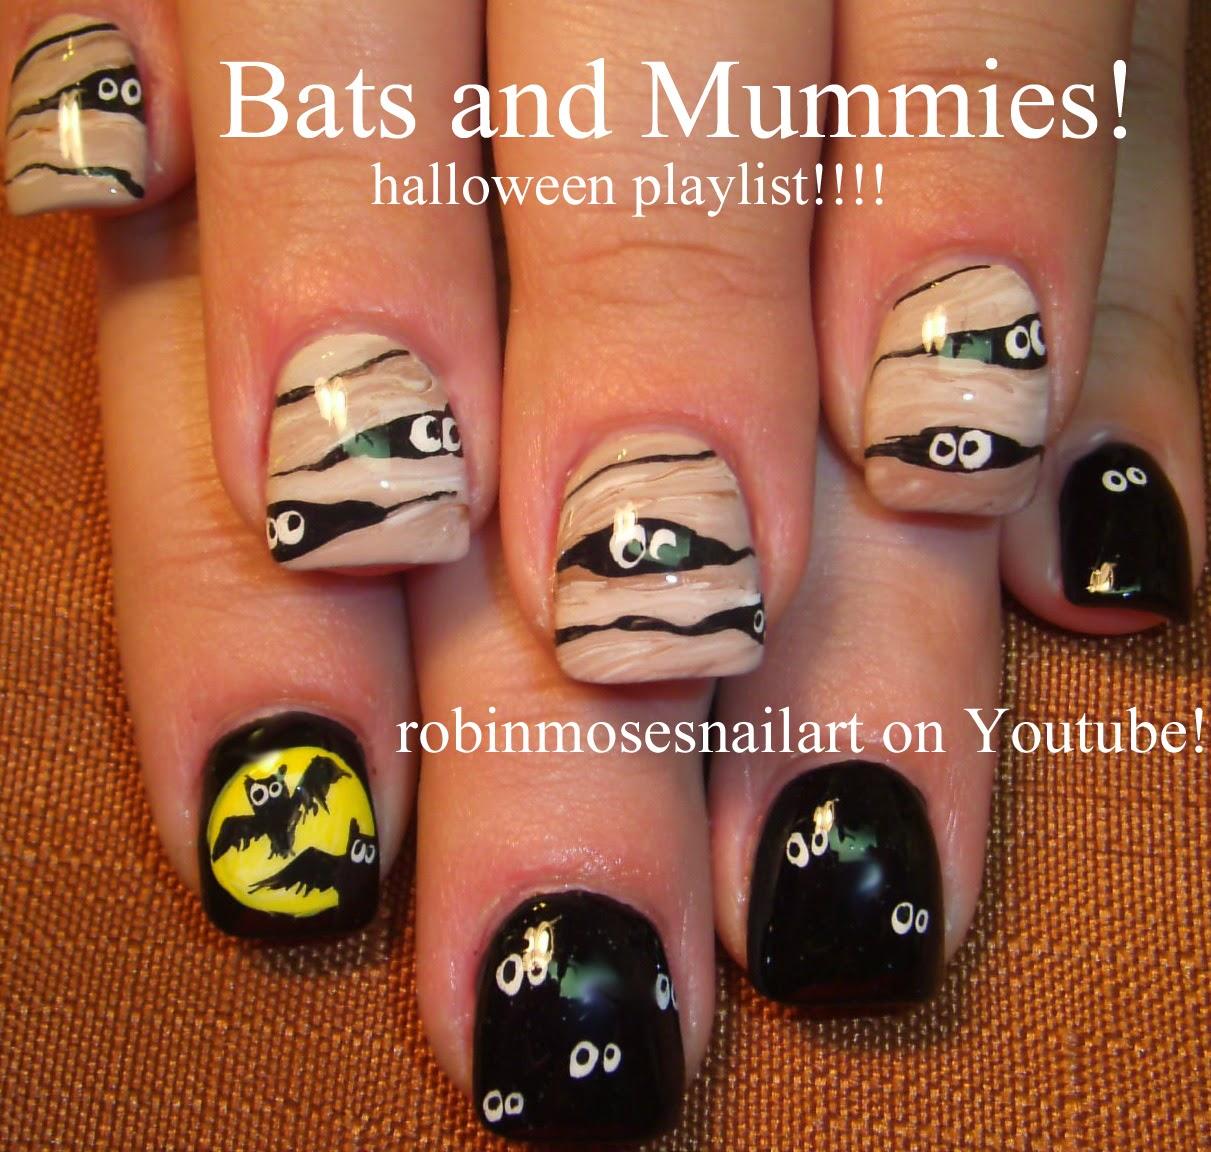 Robin moses nail art halloween nails cute halloween ideas halloween nails cute halloween ideas halloween ideas halloween costumes halloween nail art halloween designs halloween fall colors fall prinsesfo Choice Image